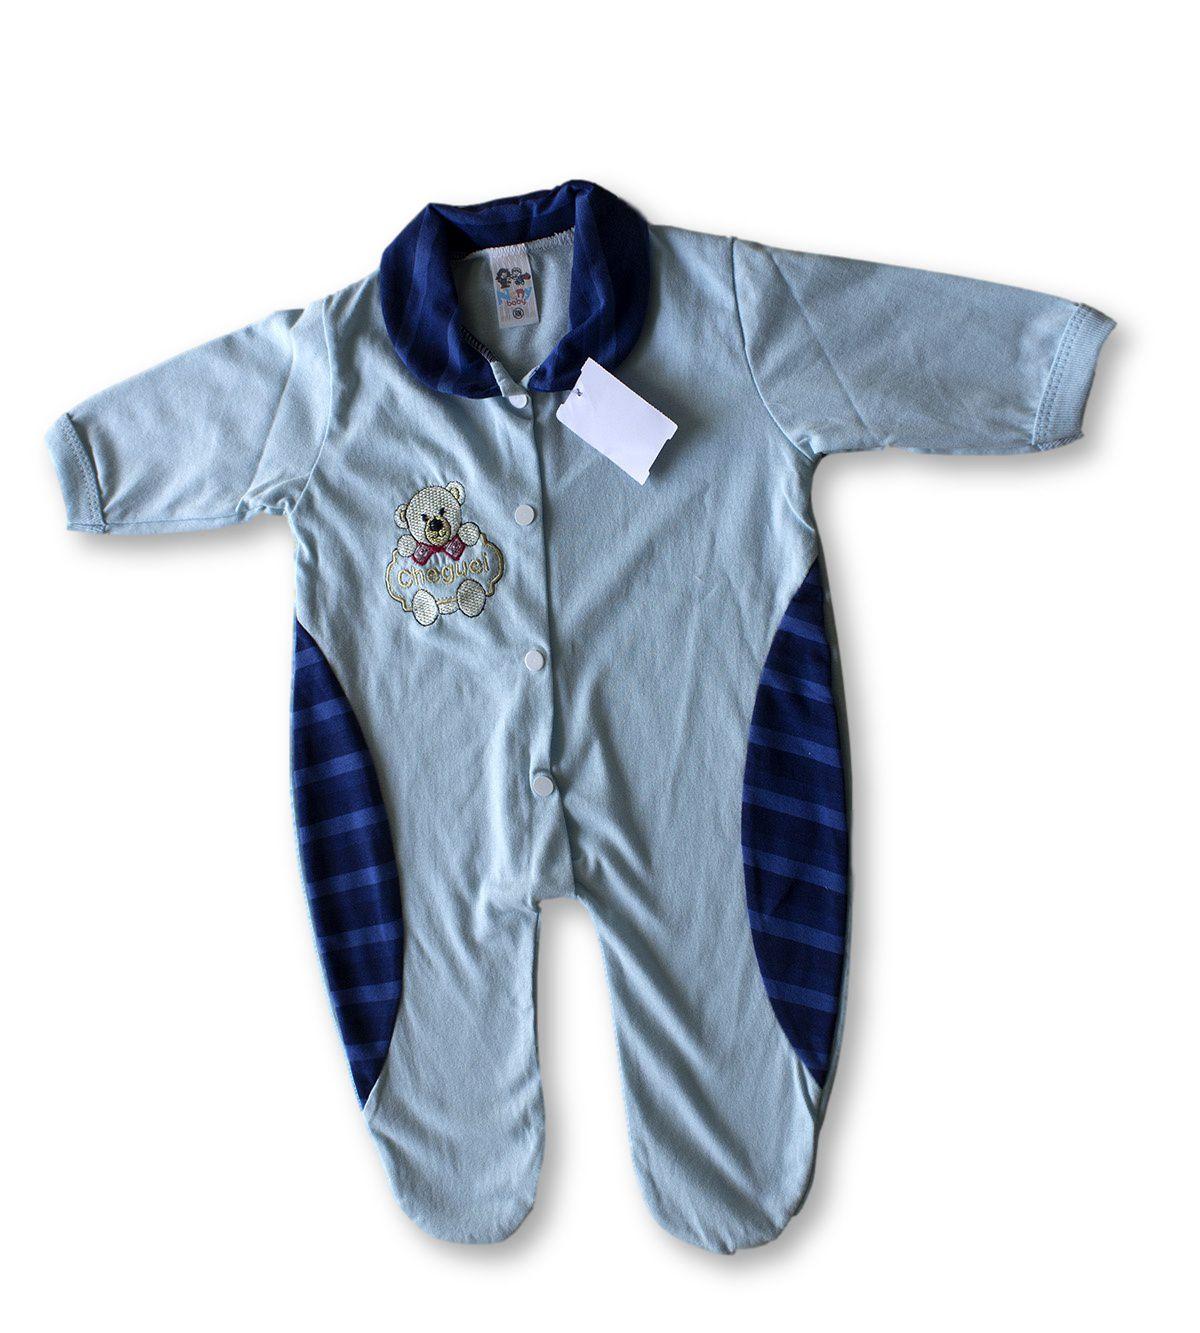 Macacão Bebe Recém Nascido Masculino Bordado Cod 9116